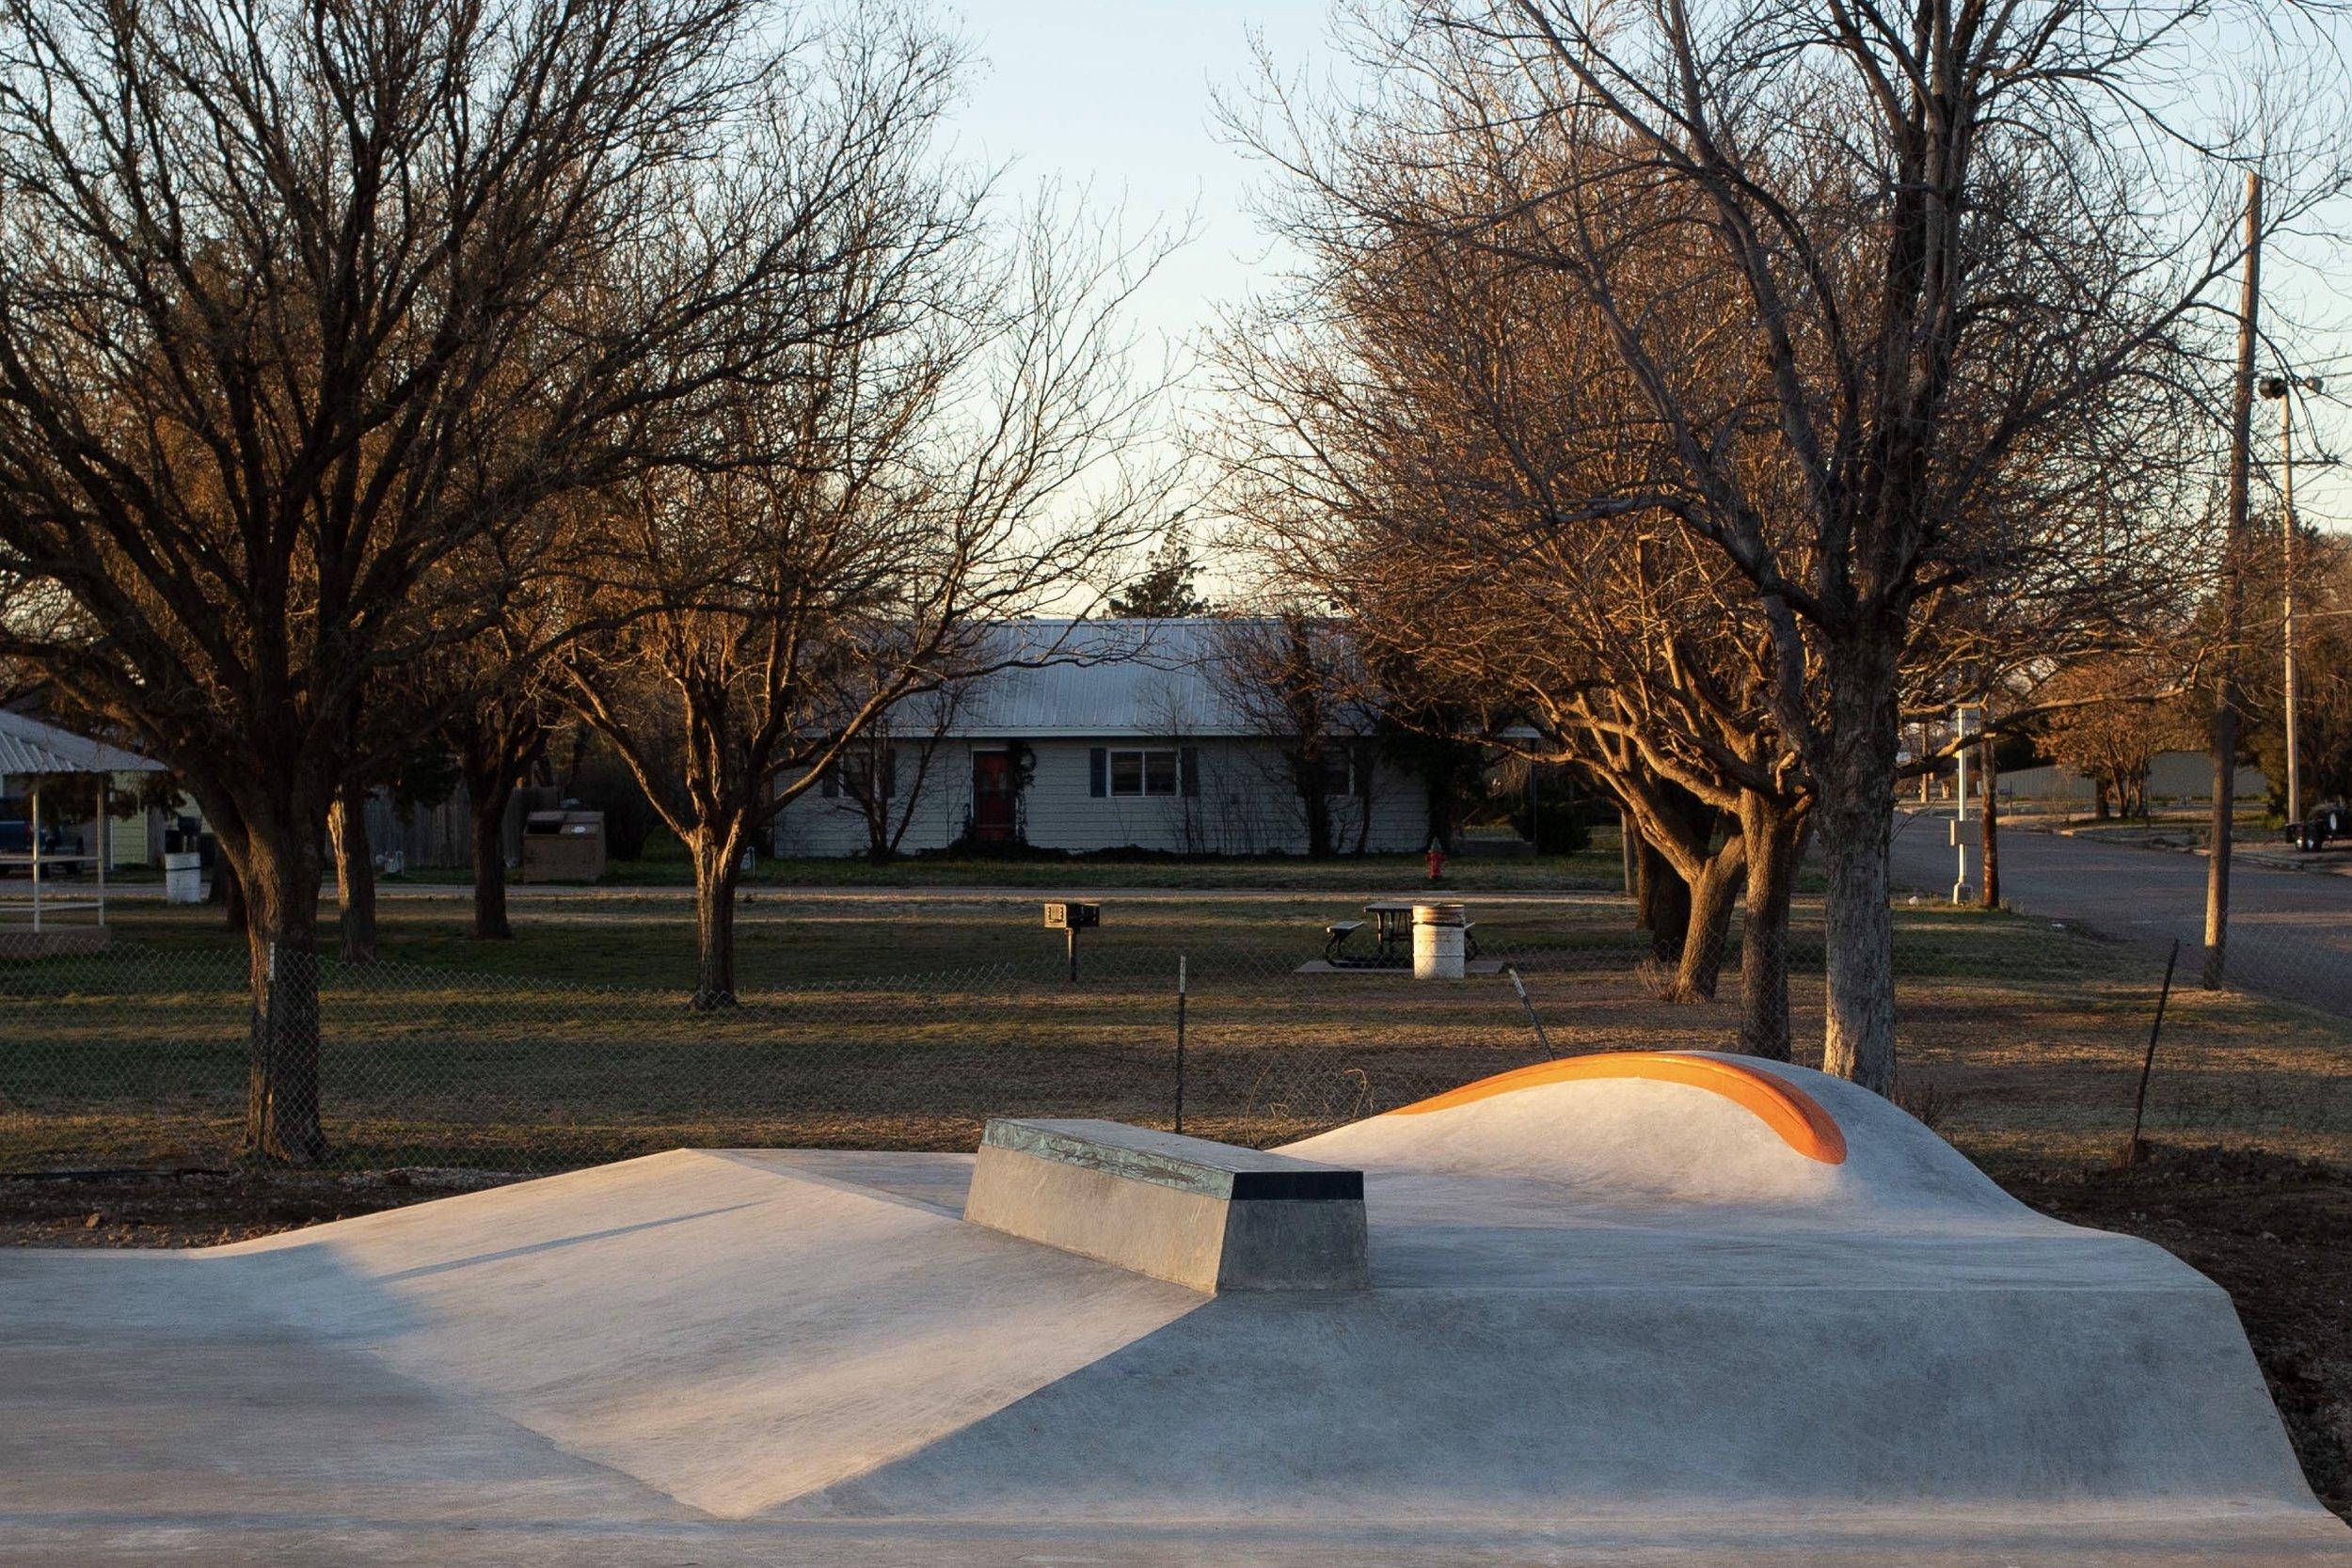 Fun obstacles 💥Idalou, Texas